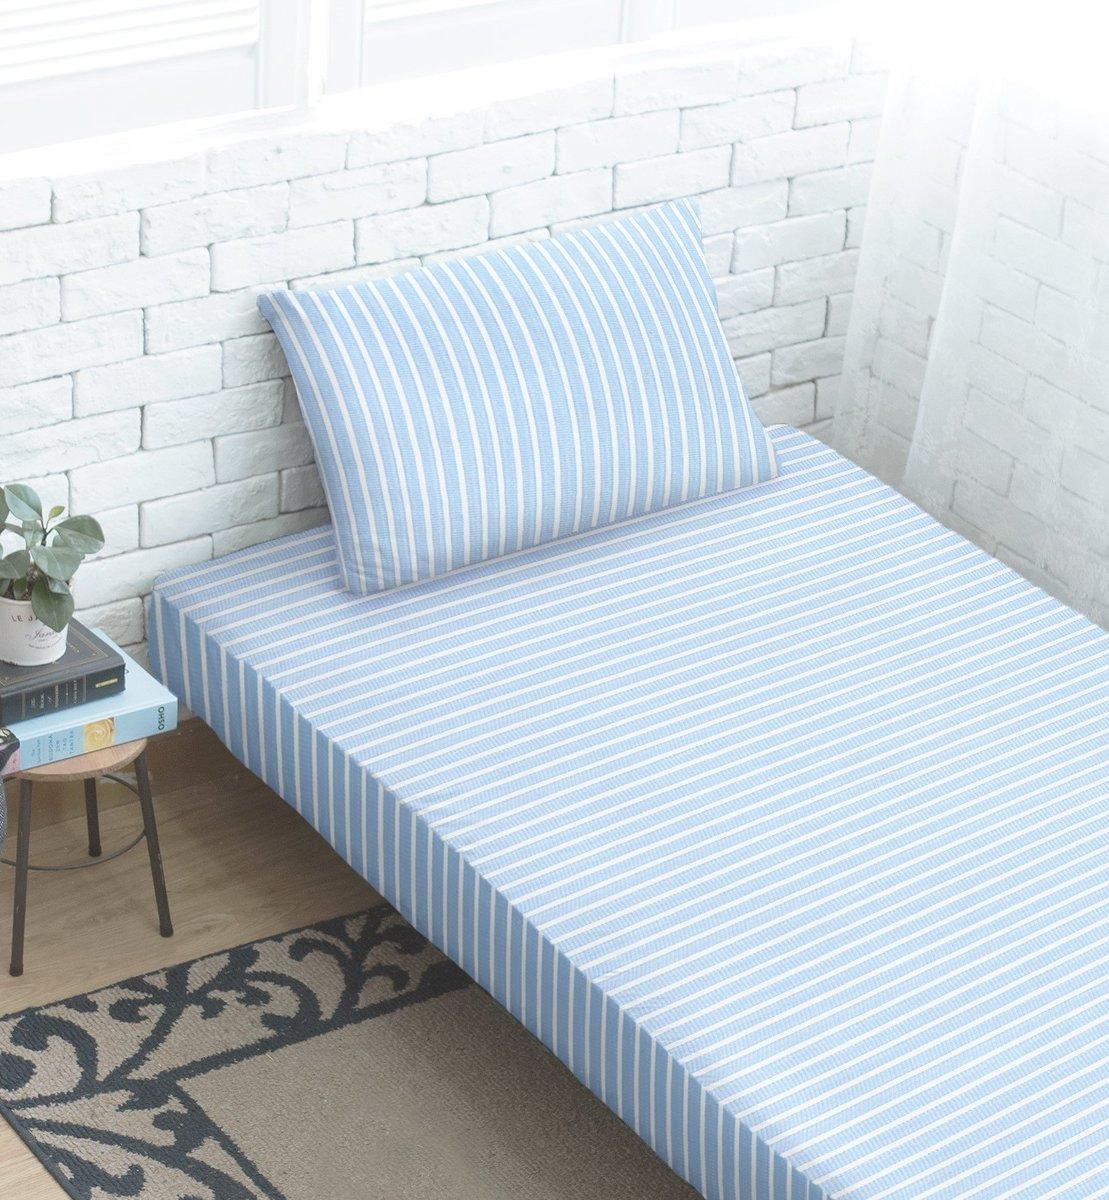 彈性爽棉針織床笠+枕袋 - 淺藍/白條紋